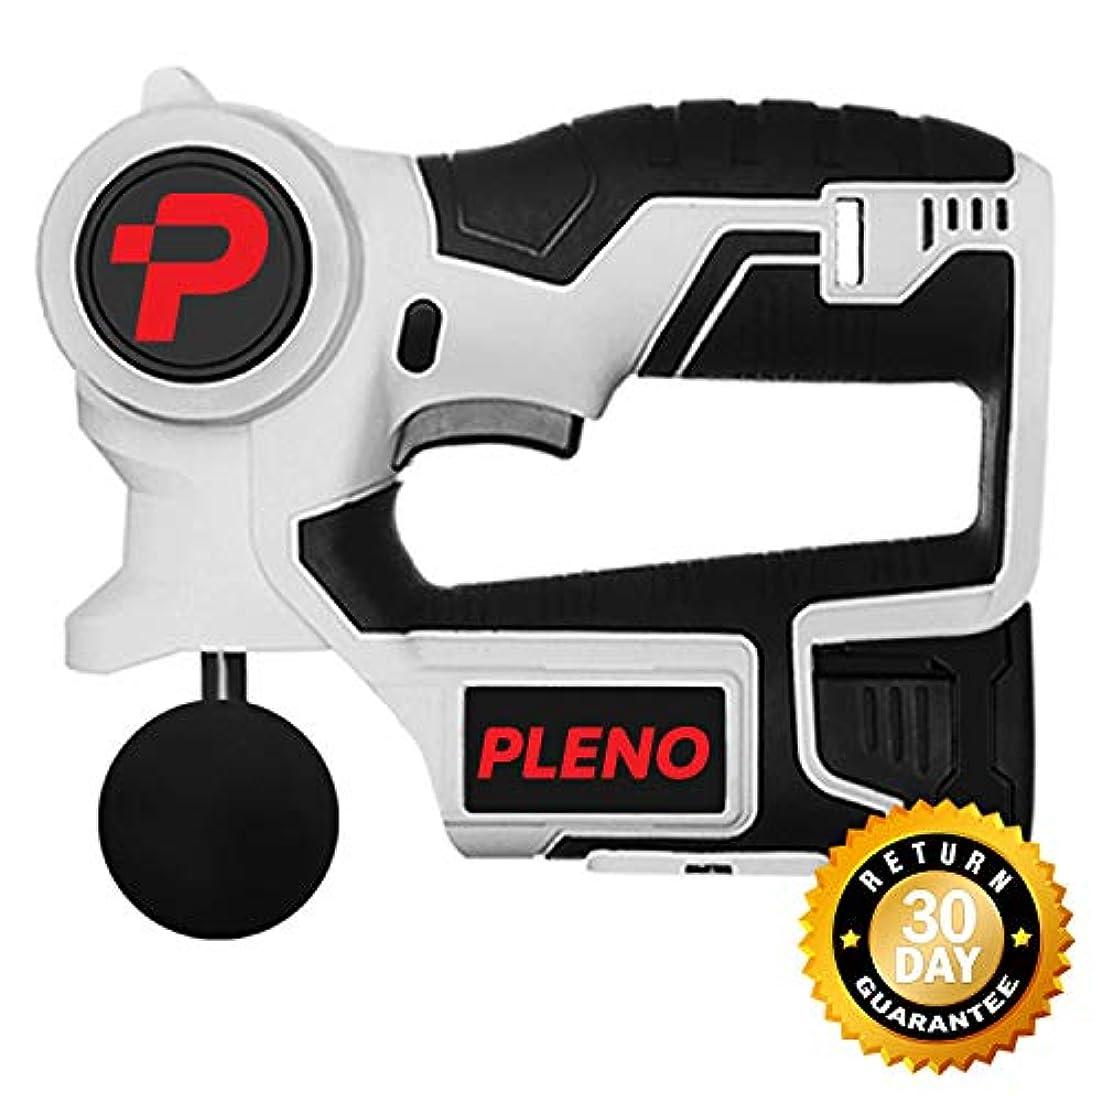 フレット予測子偽善Professional Deep Muscle Massager: Pleno M3.0 Powerful Handheld Tissue Massager Gun,コードレスで筋肉を刺激 141[並行輸入]